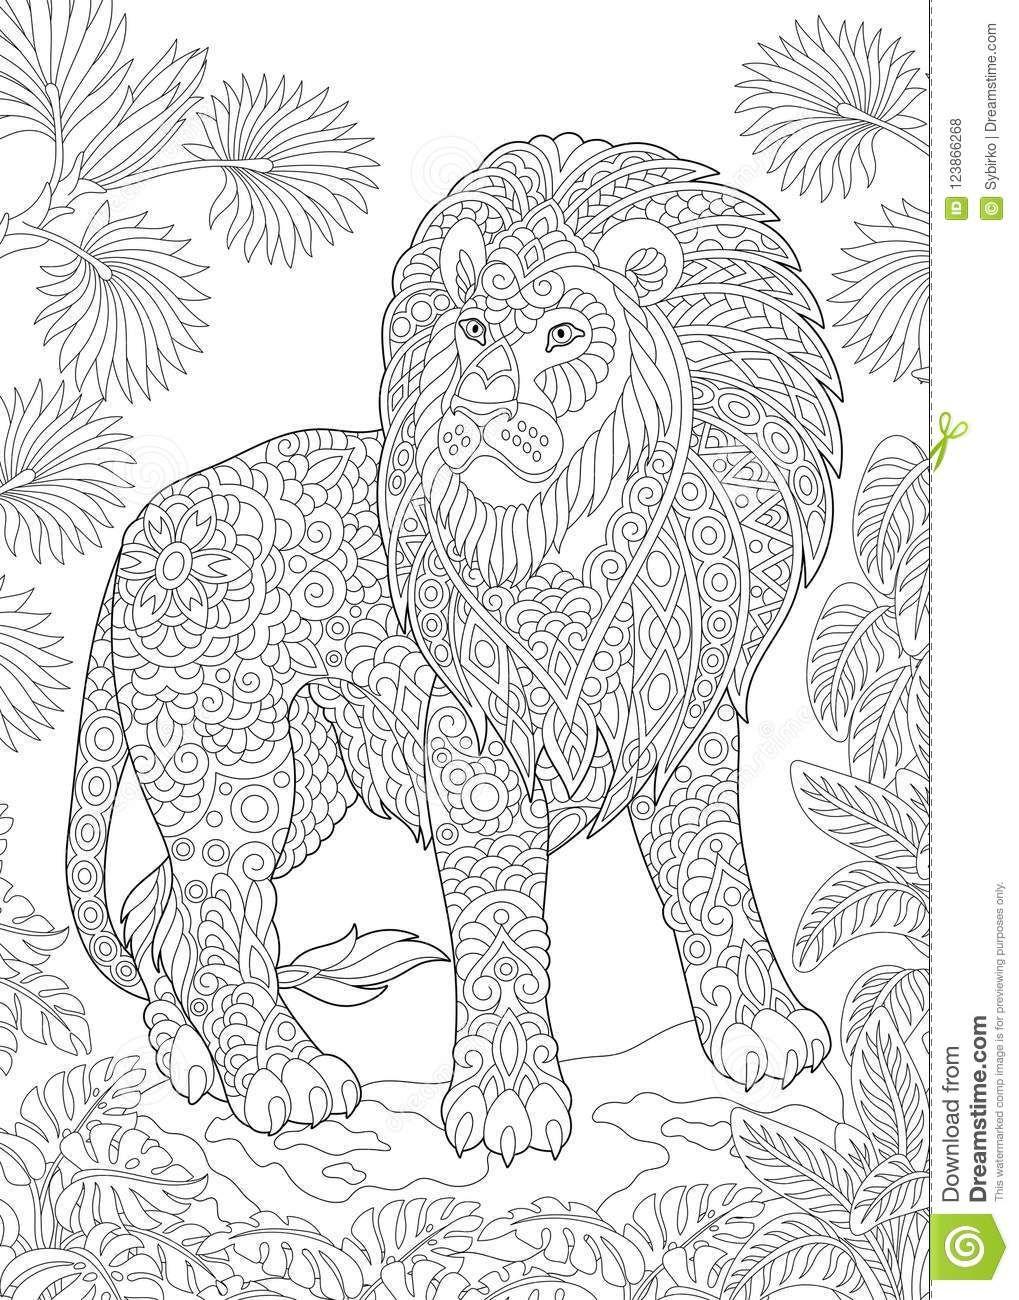 Pin Von Barbara Auf Coloring Lion Tiger Ausmalbilder Mandala Ausmalen Mandalas Zum Ausmalen